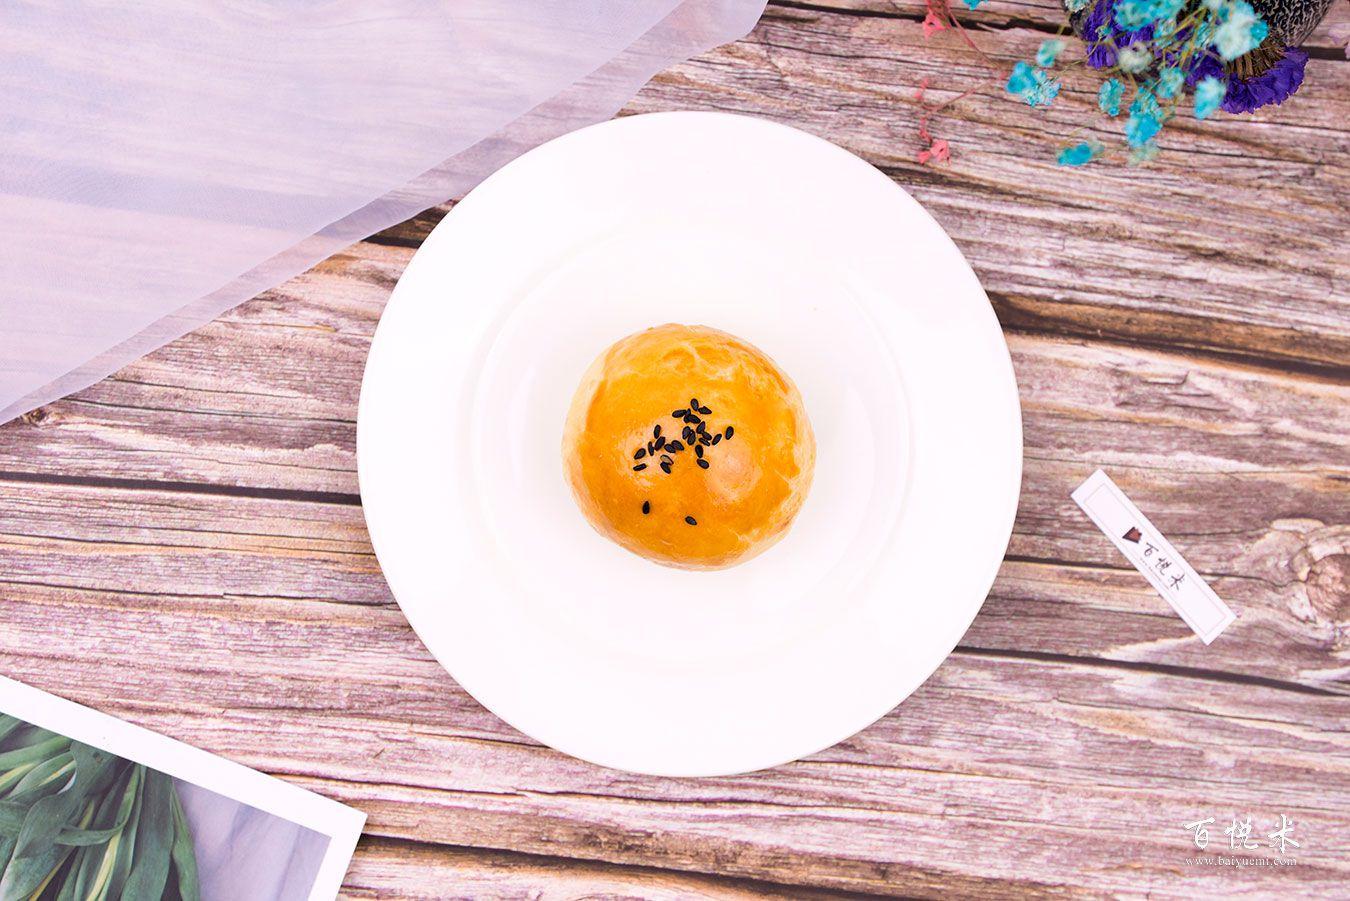 蛋黄酥高清图片大全【蛋糕图片】_857